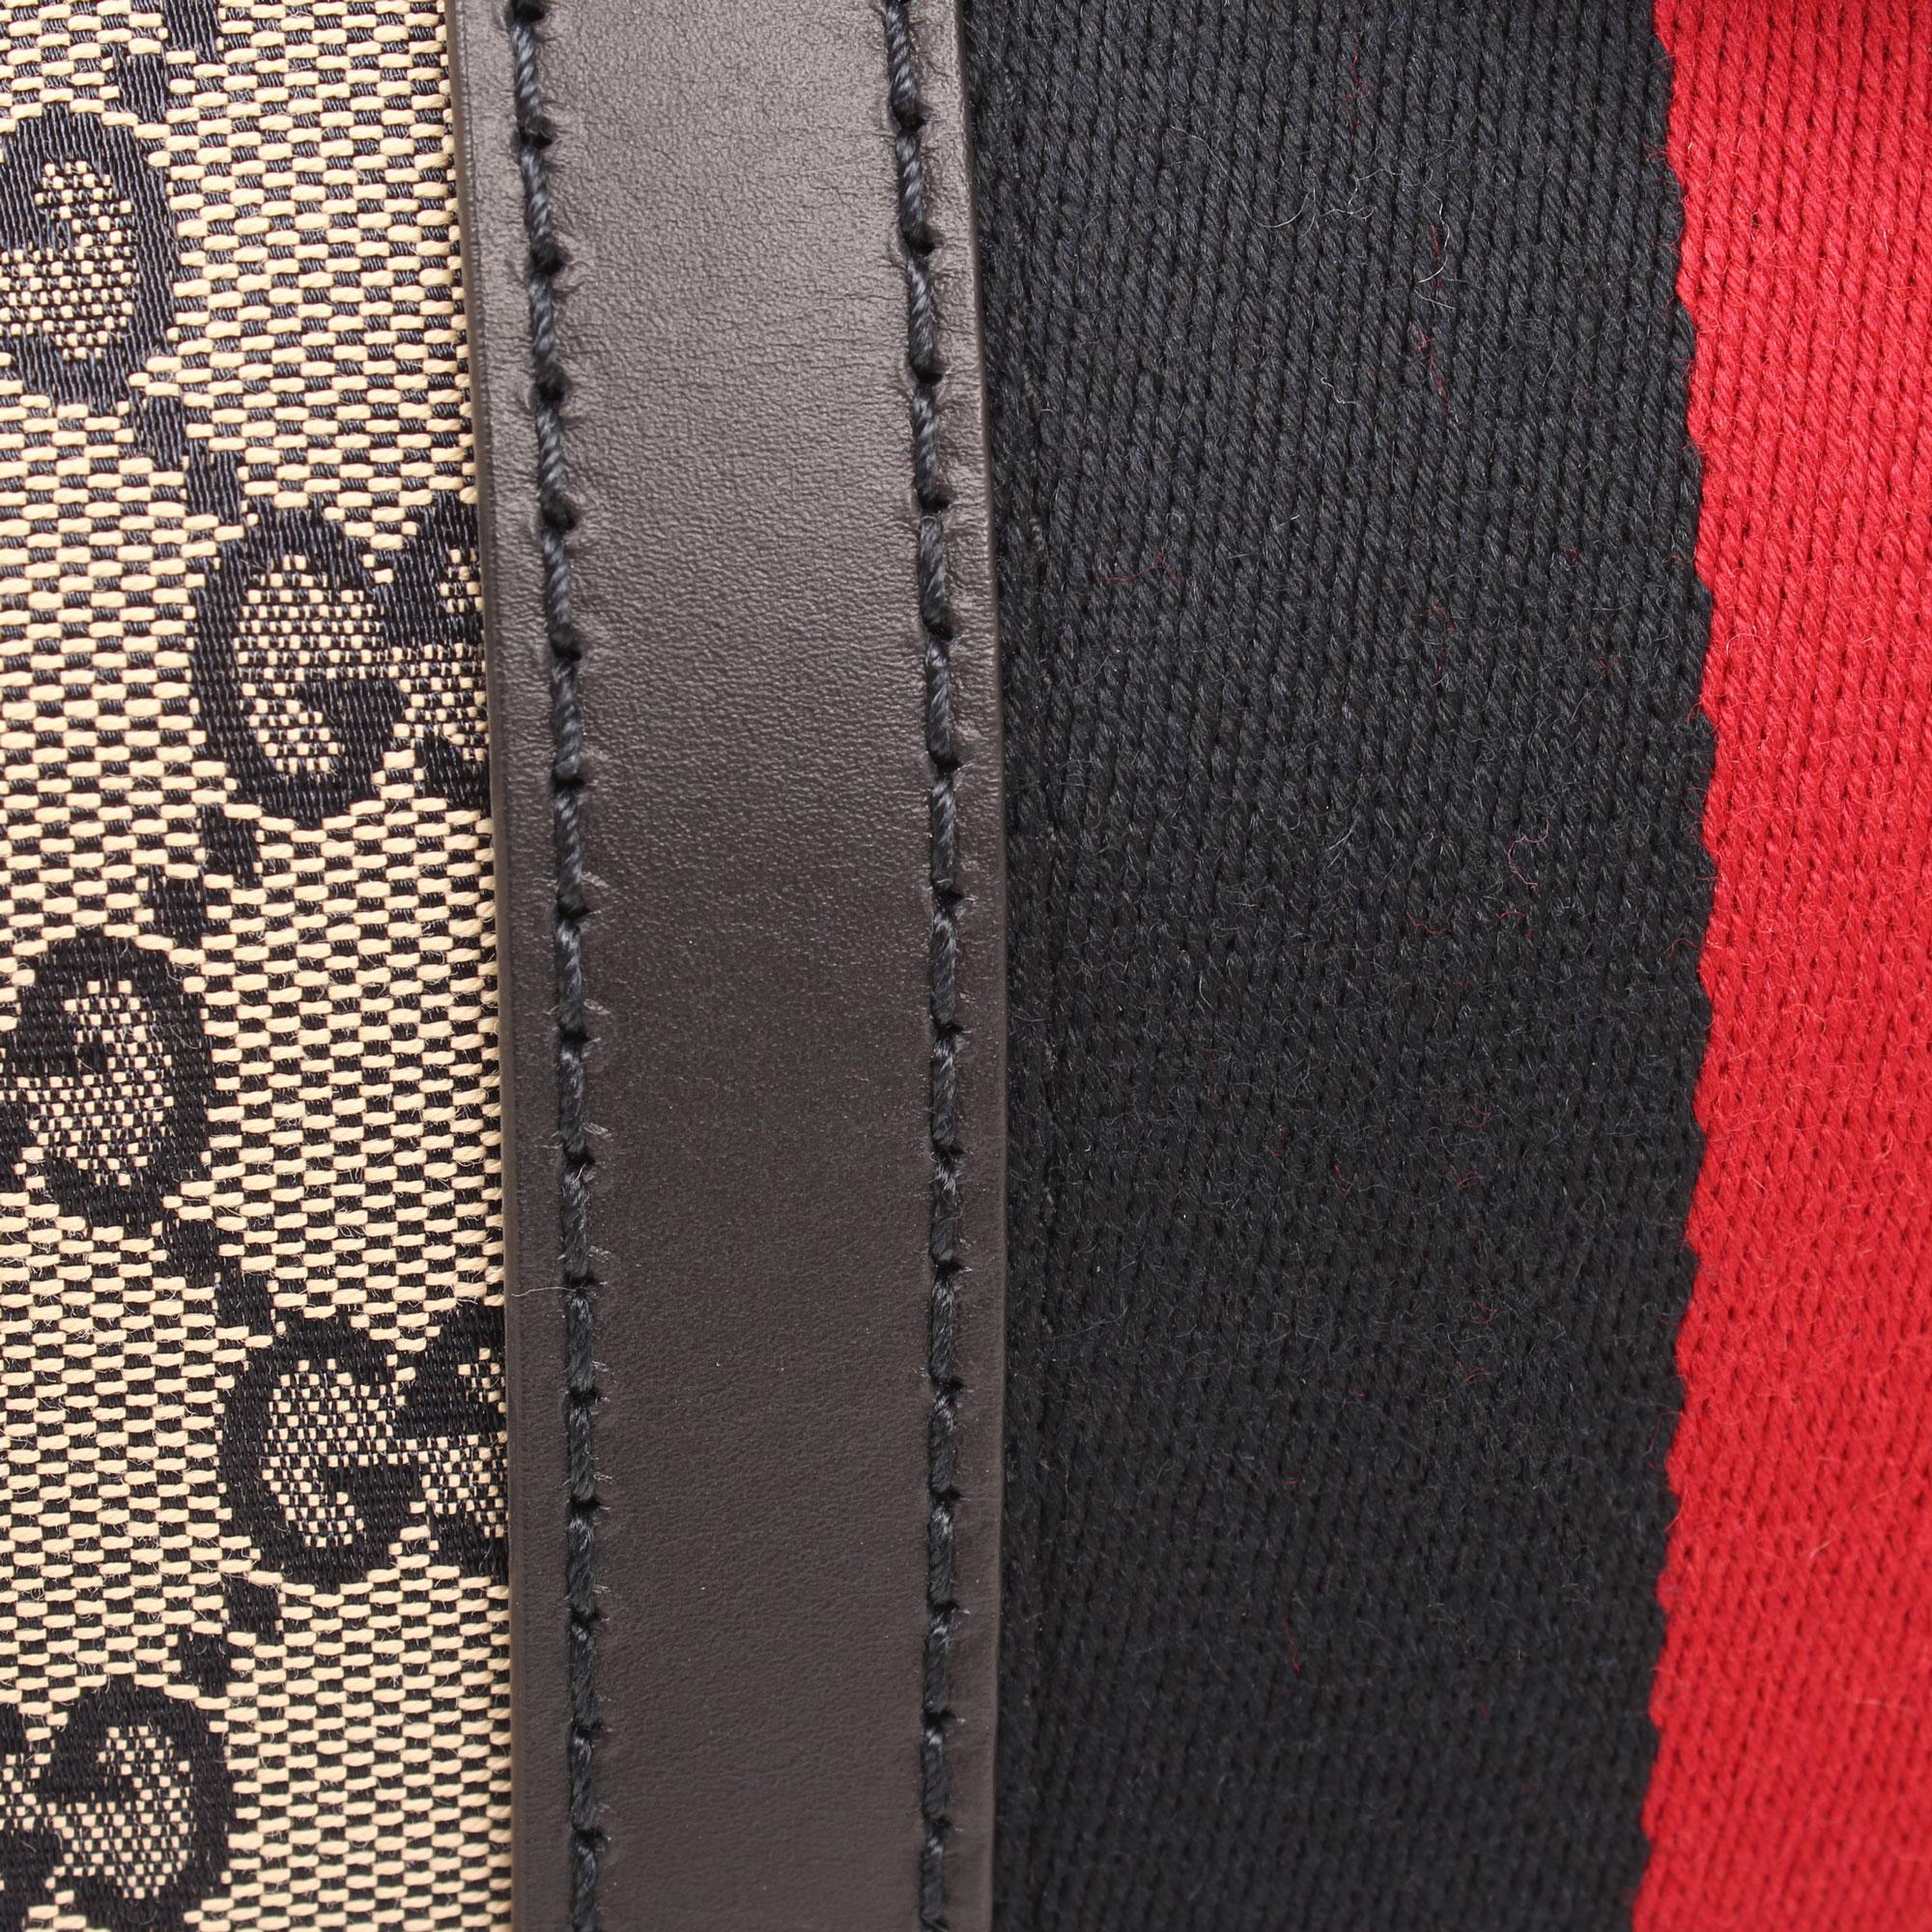 Imagen del tejido del bolso gucci vintage web gg azul